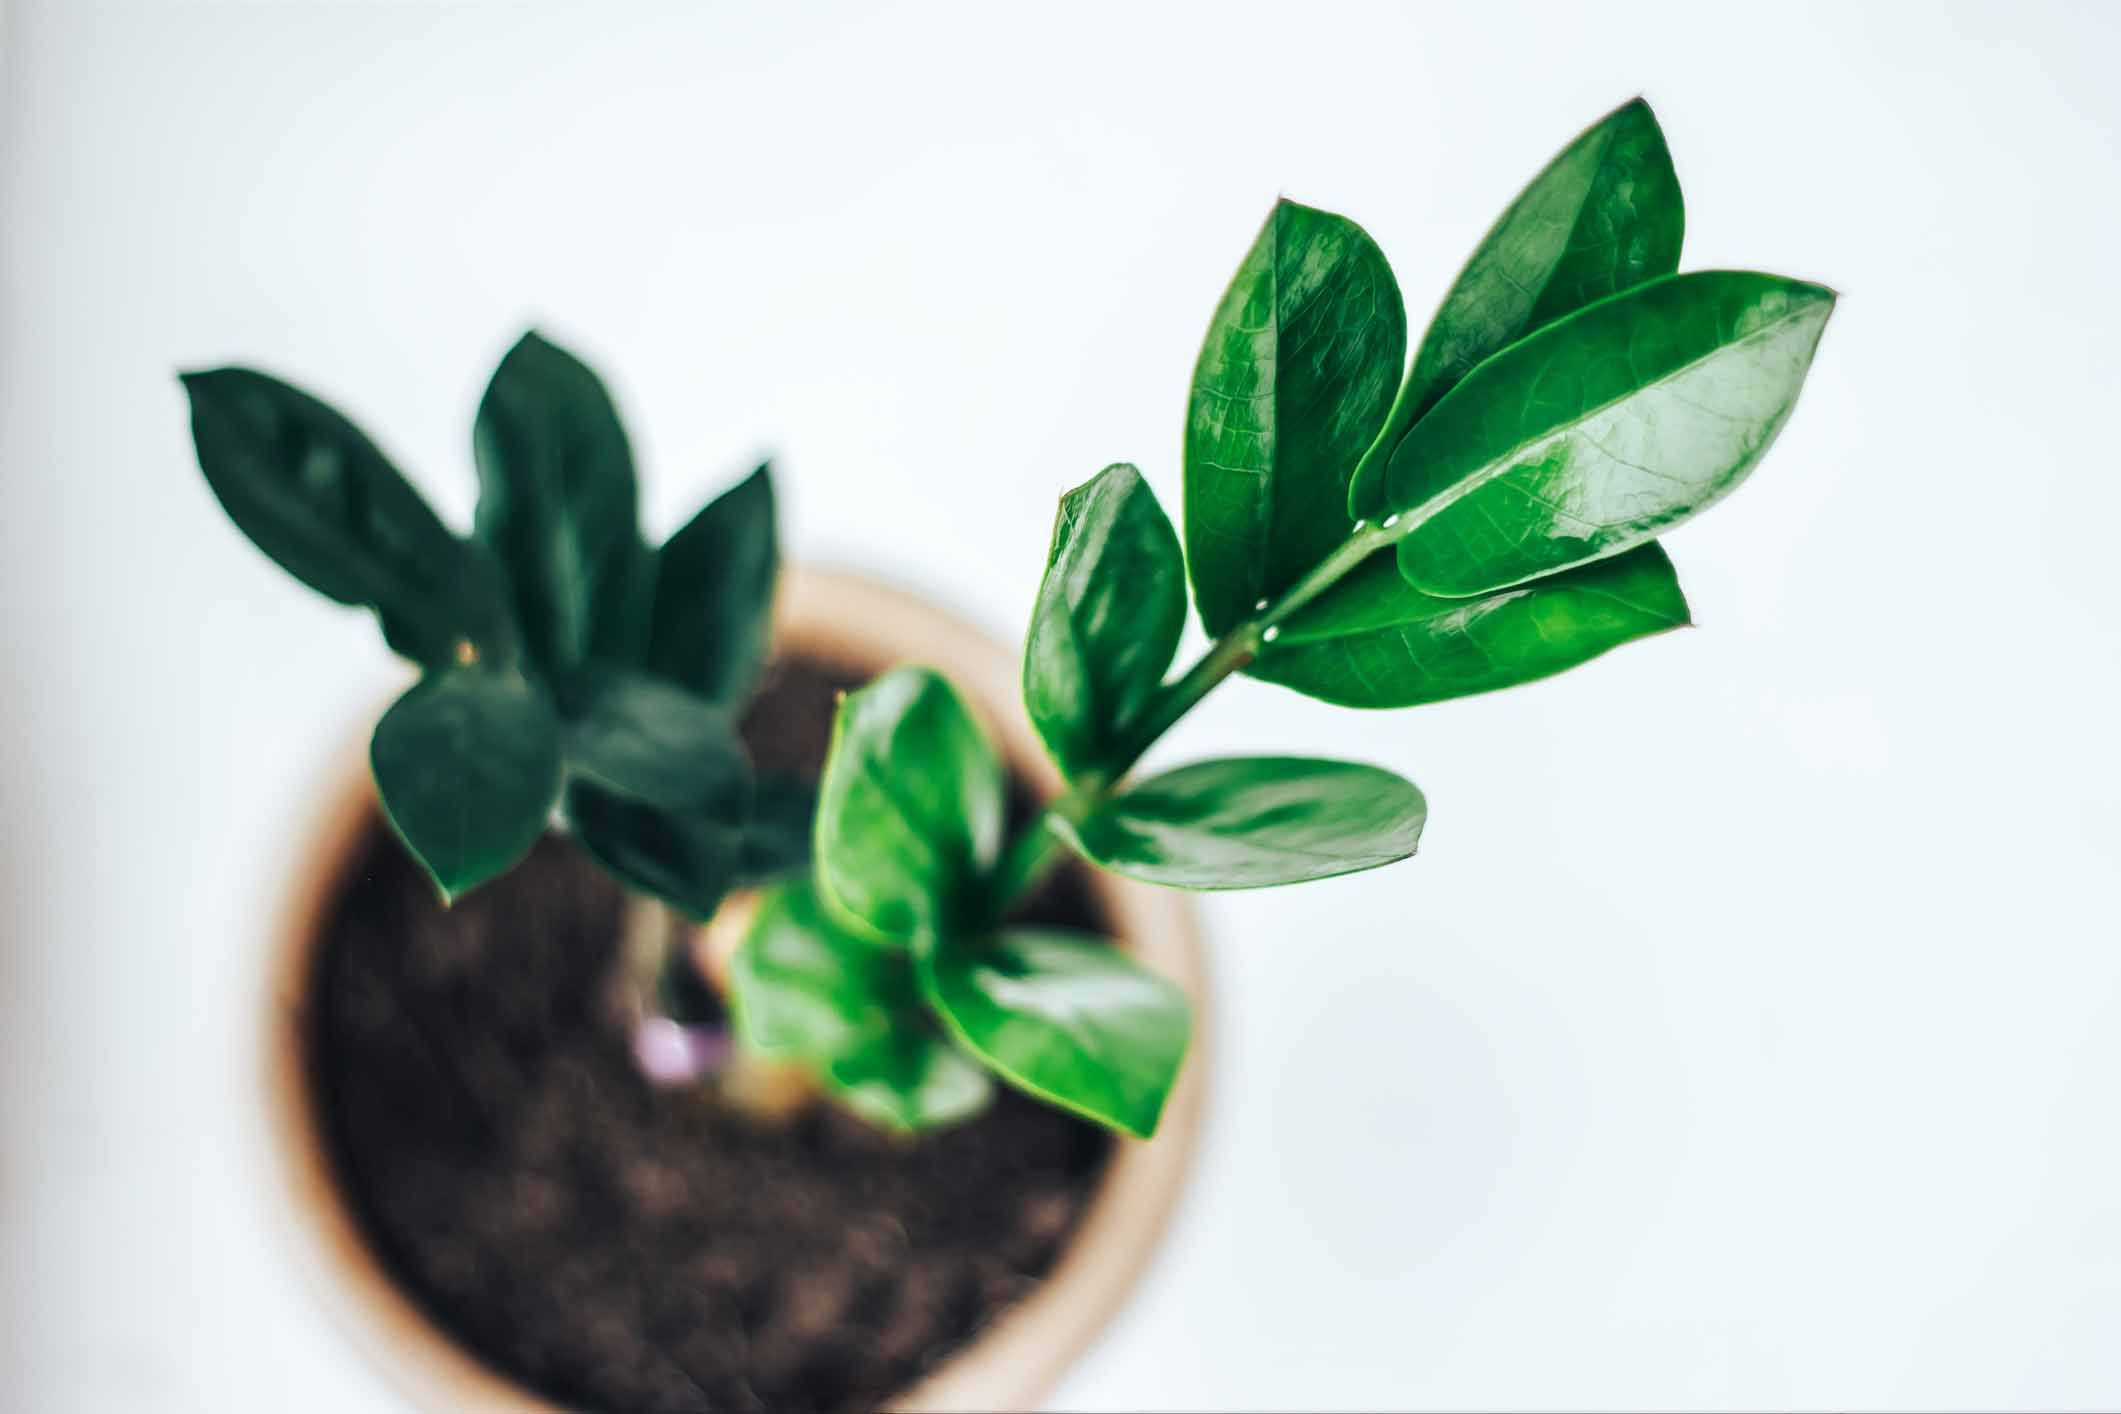 Extreem Makkelijke planten: wij hebben 20 kamerplanten voor je op een rij @FL22